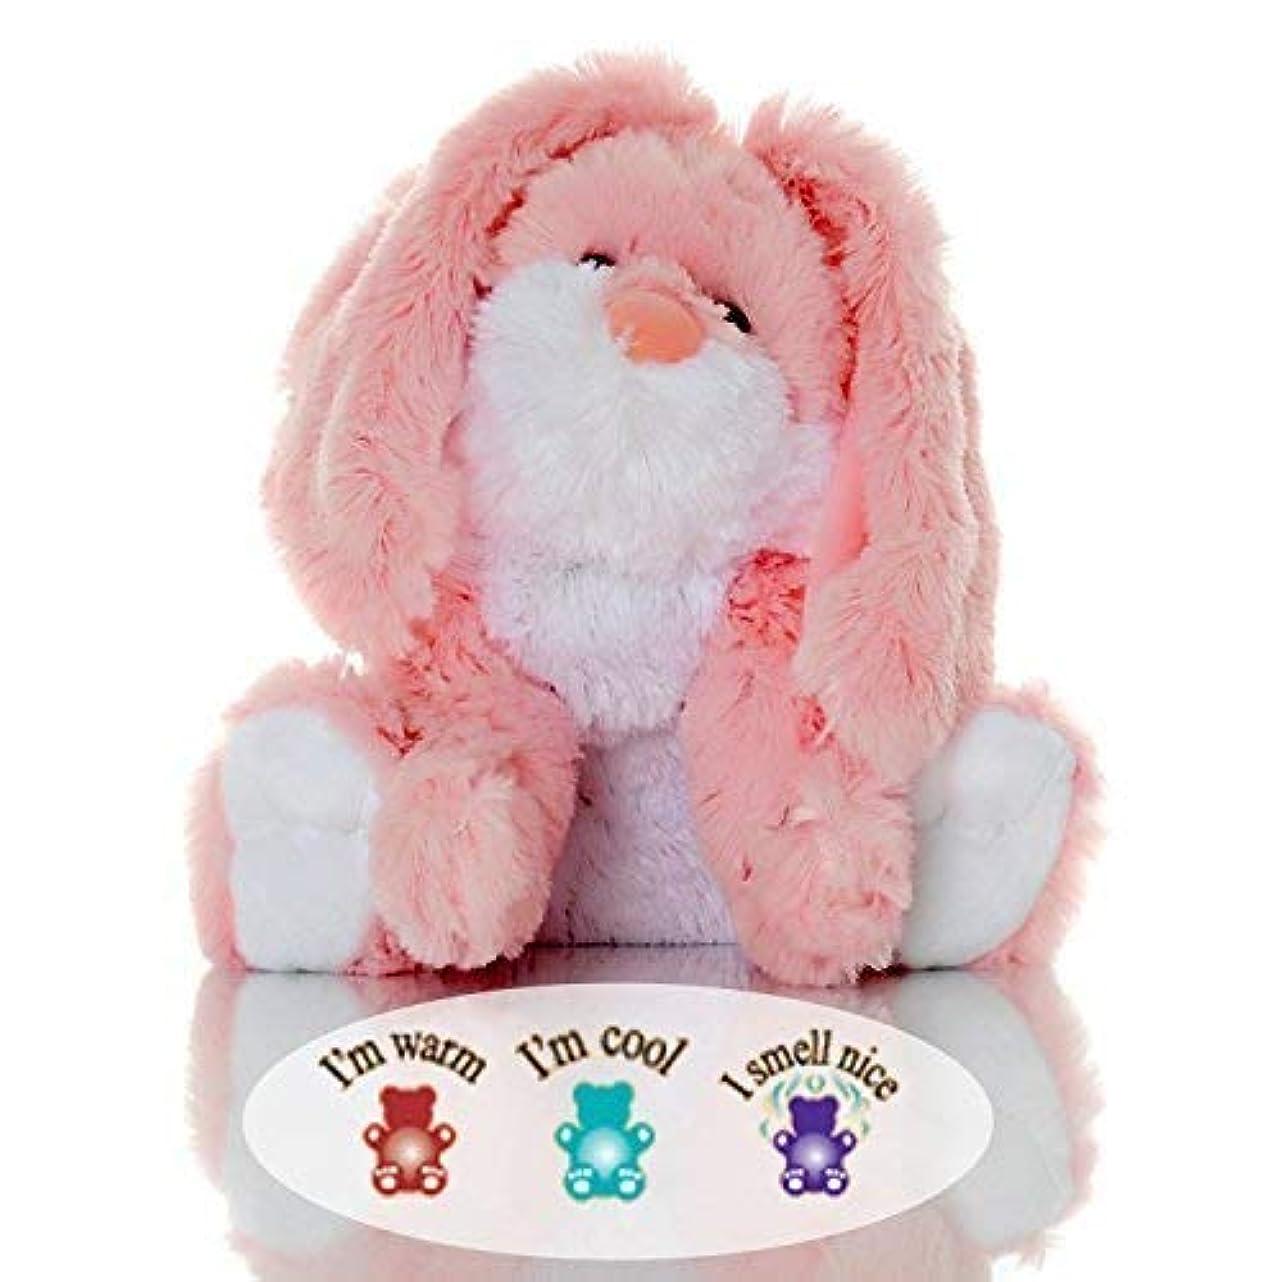 クスクスいたずらあそこSootheze Rosey Bunny Rabbit - Microwavable Stuffed Animal - Weighted Lavender Scented Aromatherapy - Hot and Cold Therapy - 10.5%?????????% Tall & 2 LBS. [並行輸入品]